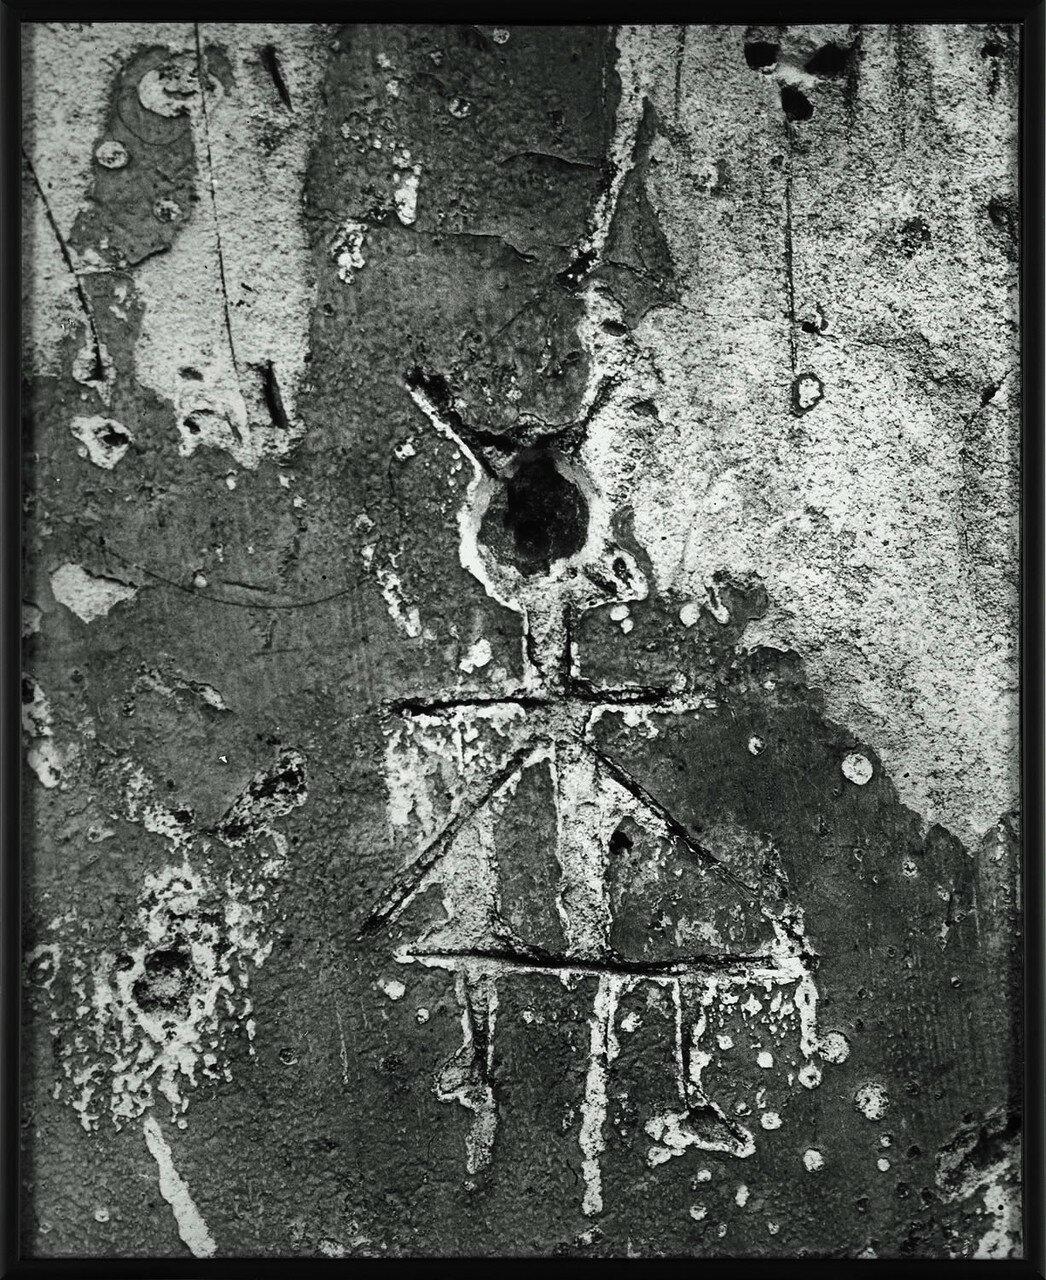 1930. Граффити. Серии IX Примитивные изображения. Маленький гоблин в треугольной юбке.